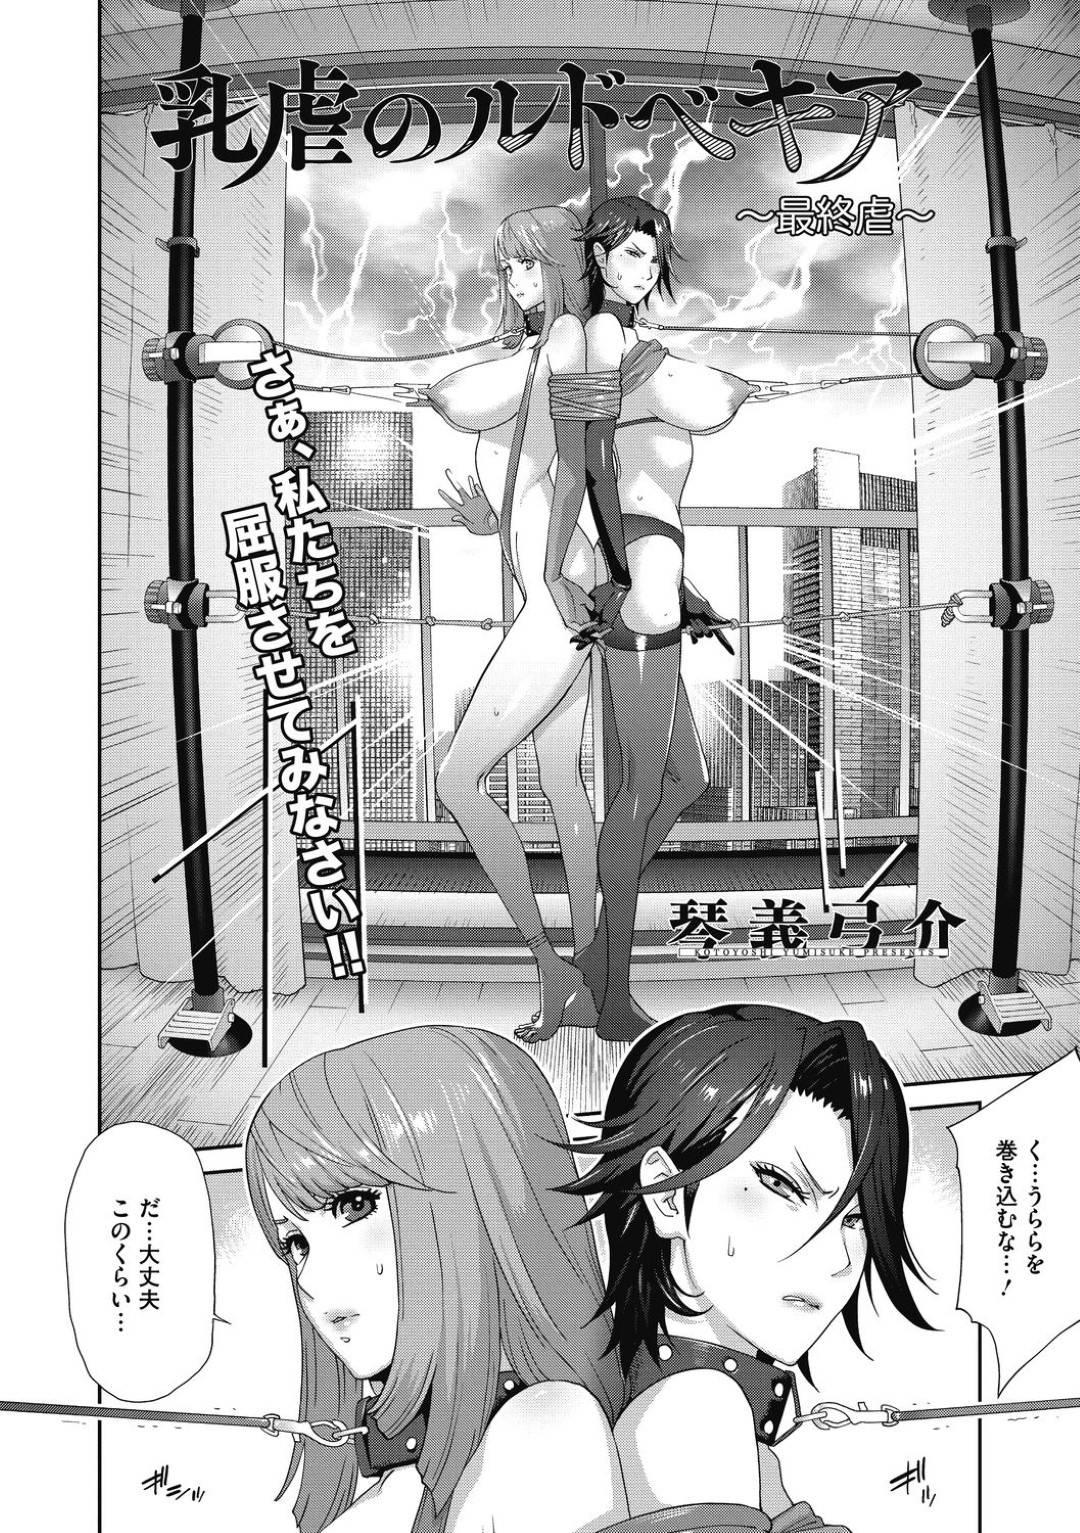 【エロ漫画】弱みを握られて男に囚われてしまった澪とうらら…二人は男たちの肉便器として拘束された状態でバックで犯されてしまう。男たちの行動はエスカレートしていき、二人のアナルを拡張して二穴挿入でしてしまう。【琴義弓介:乳虐のルドベキア~最終虐~】